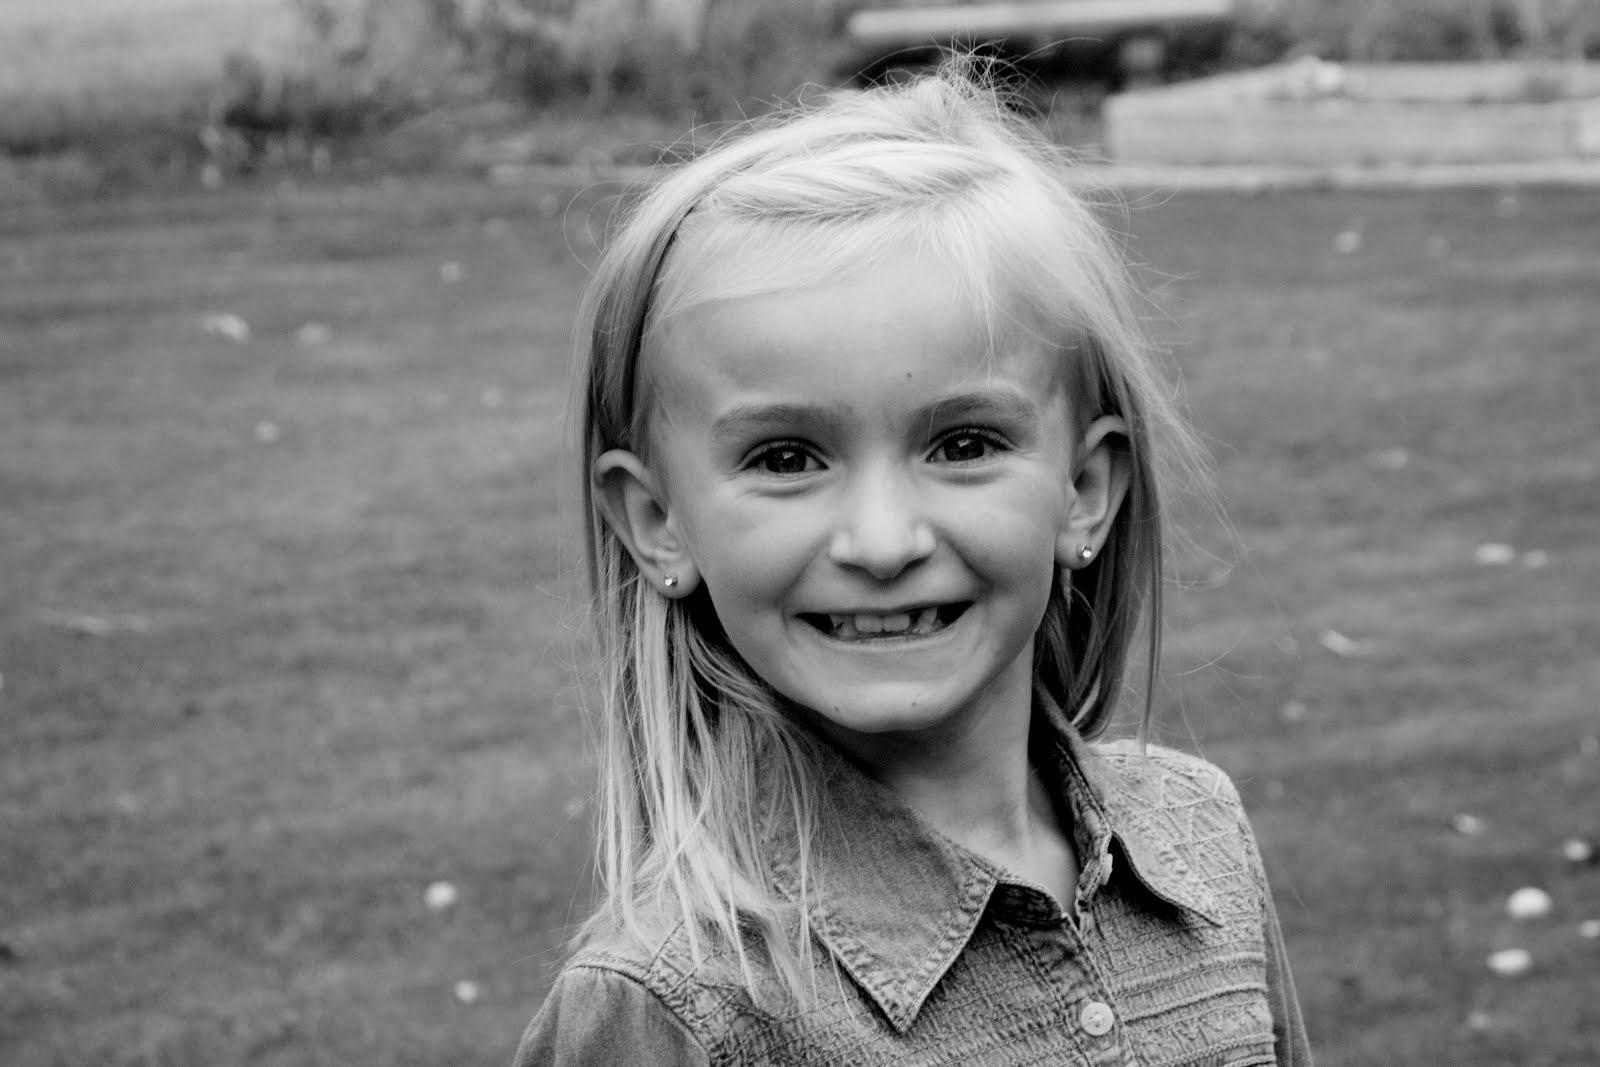 Jocelynne